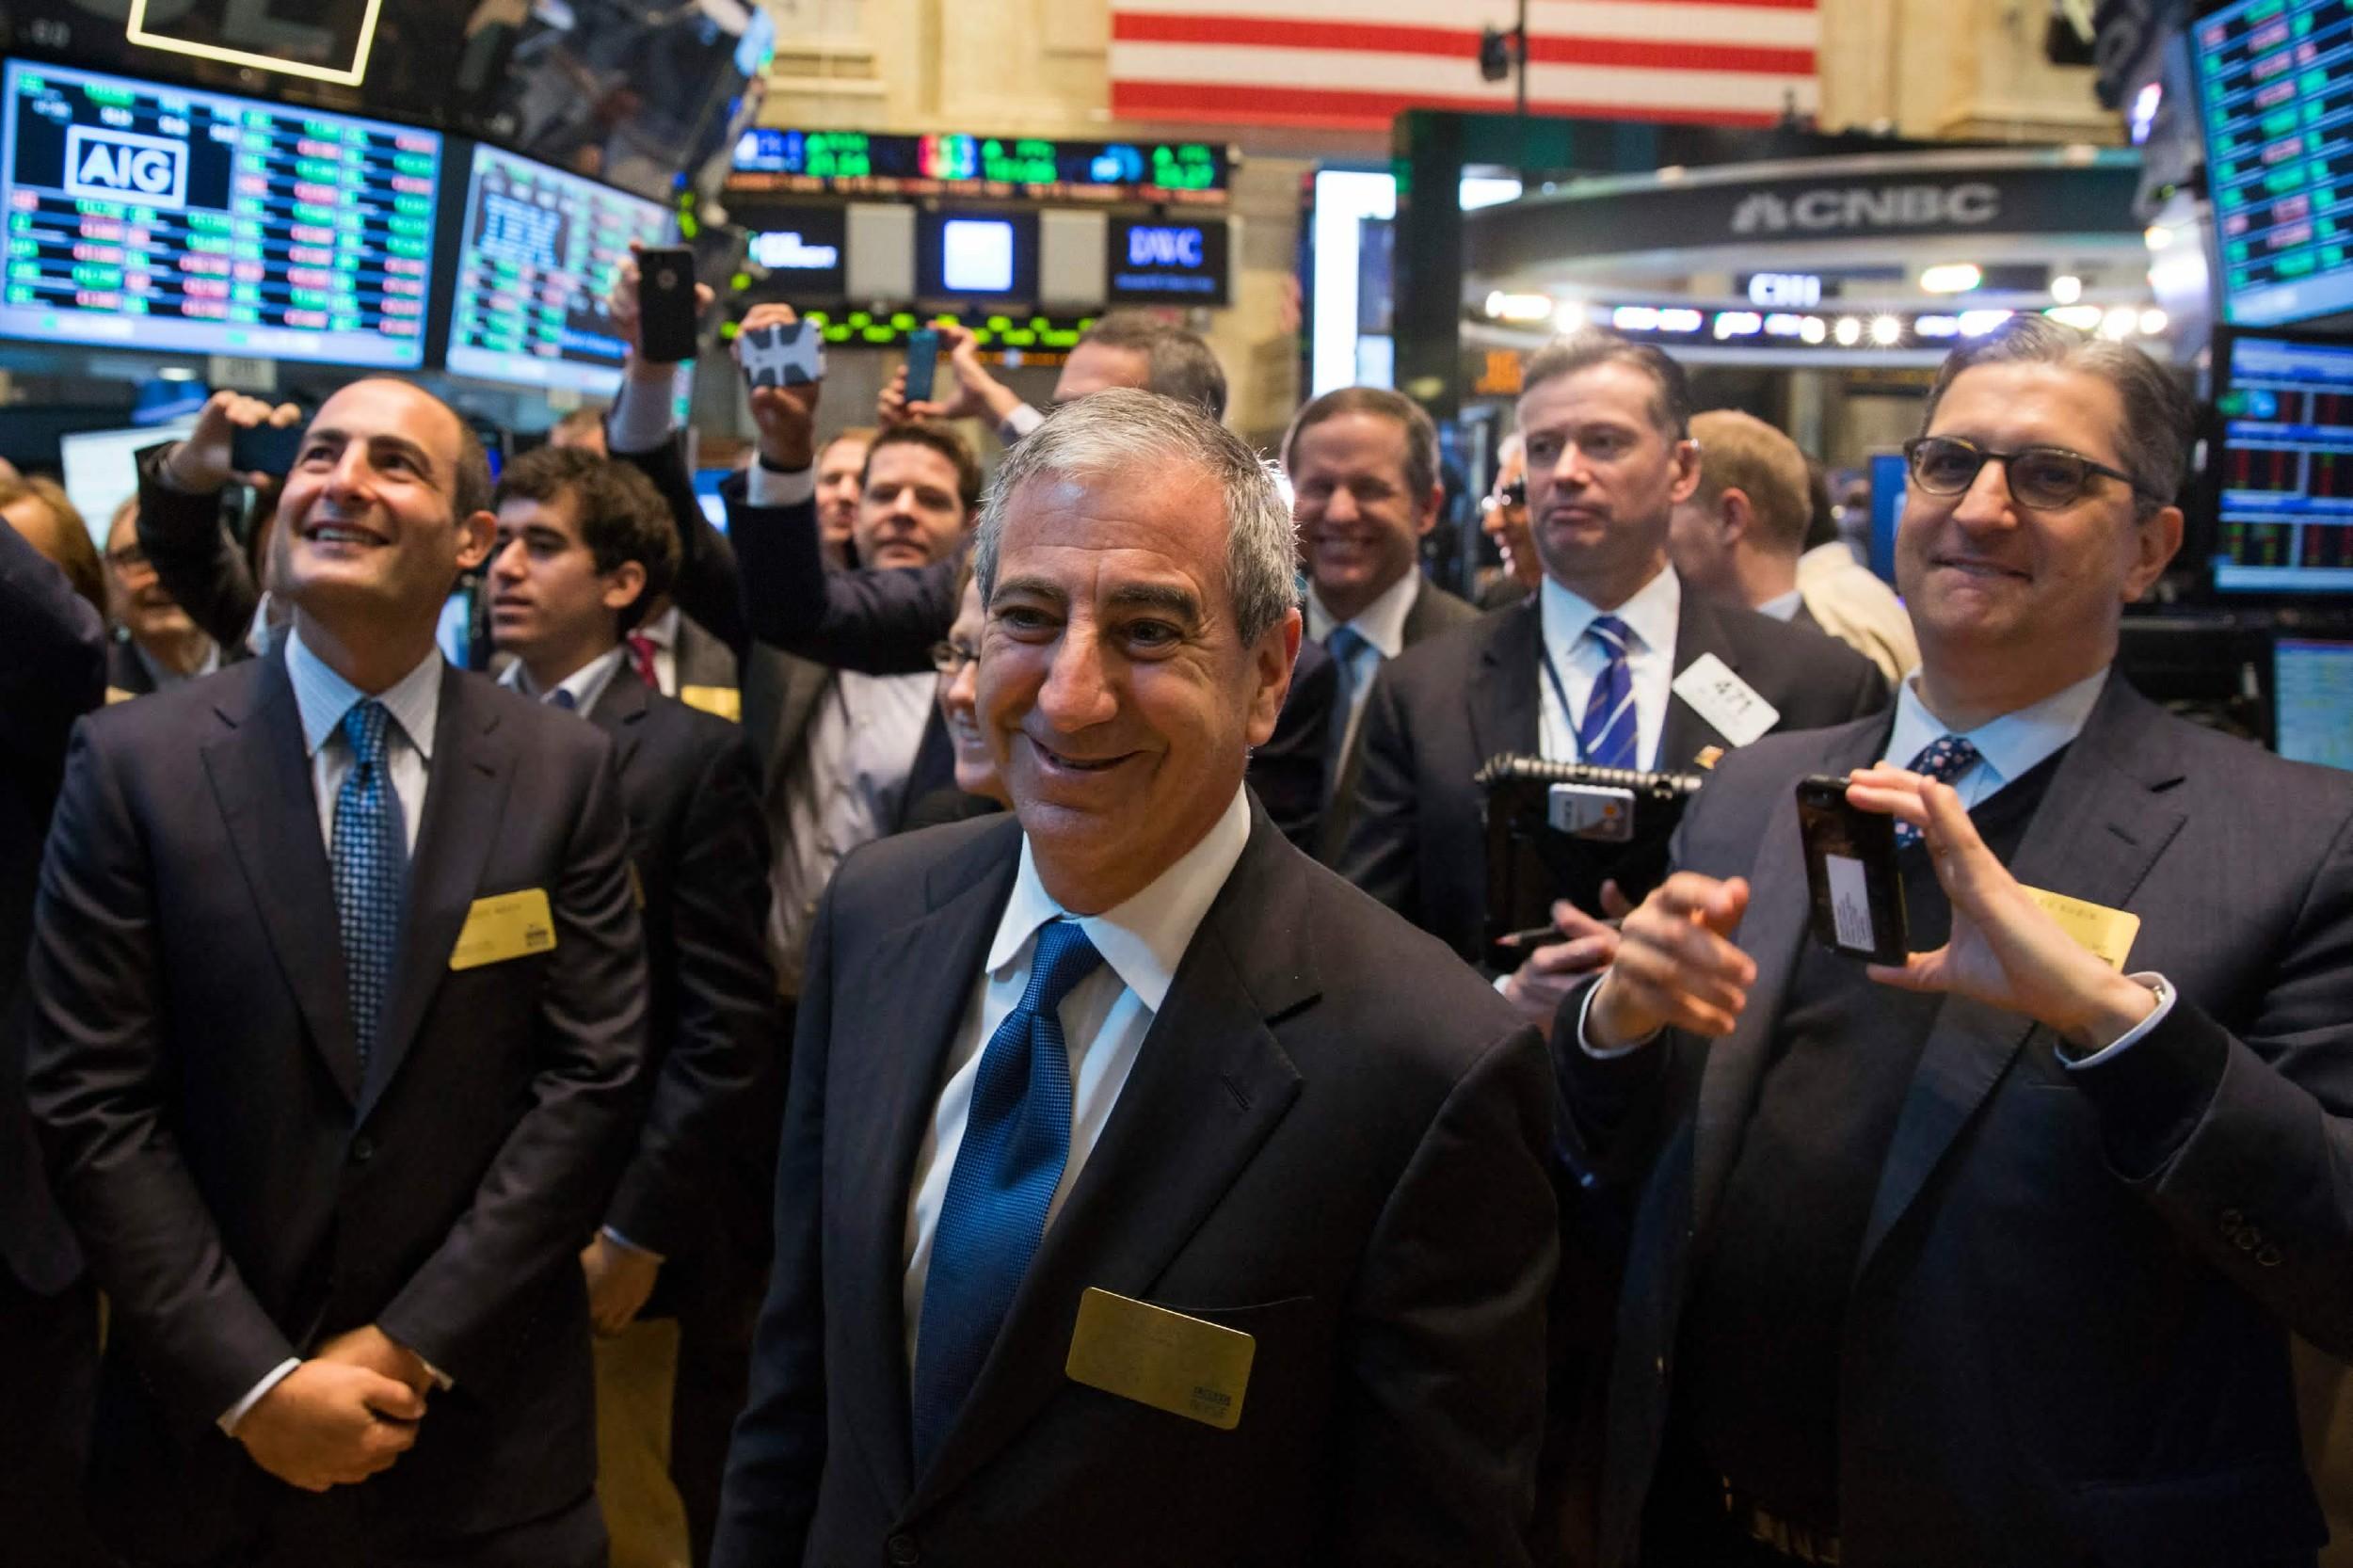 Инвестициони банкари на Њујоршкој берзи, на Волстриту (Фото: REUTERS/Lucas Jackson)